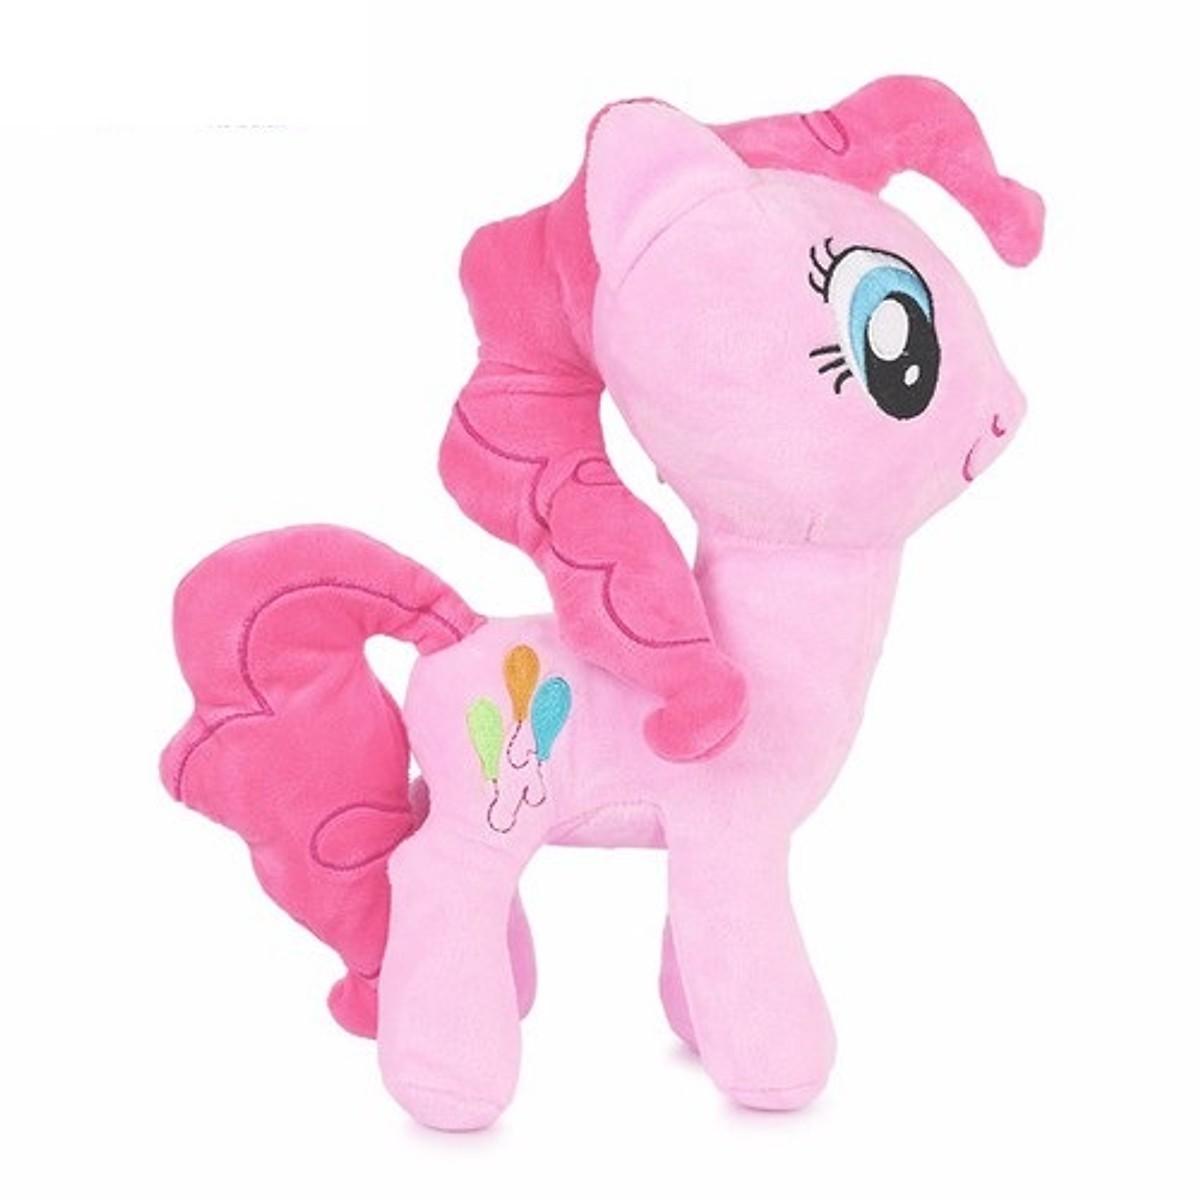 Gấu bông ngựa Pony hông nhồi bông đáng yêu size 30cm